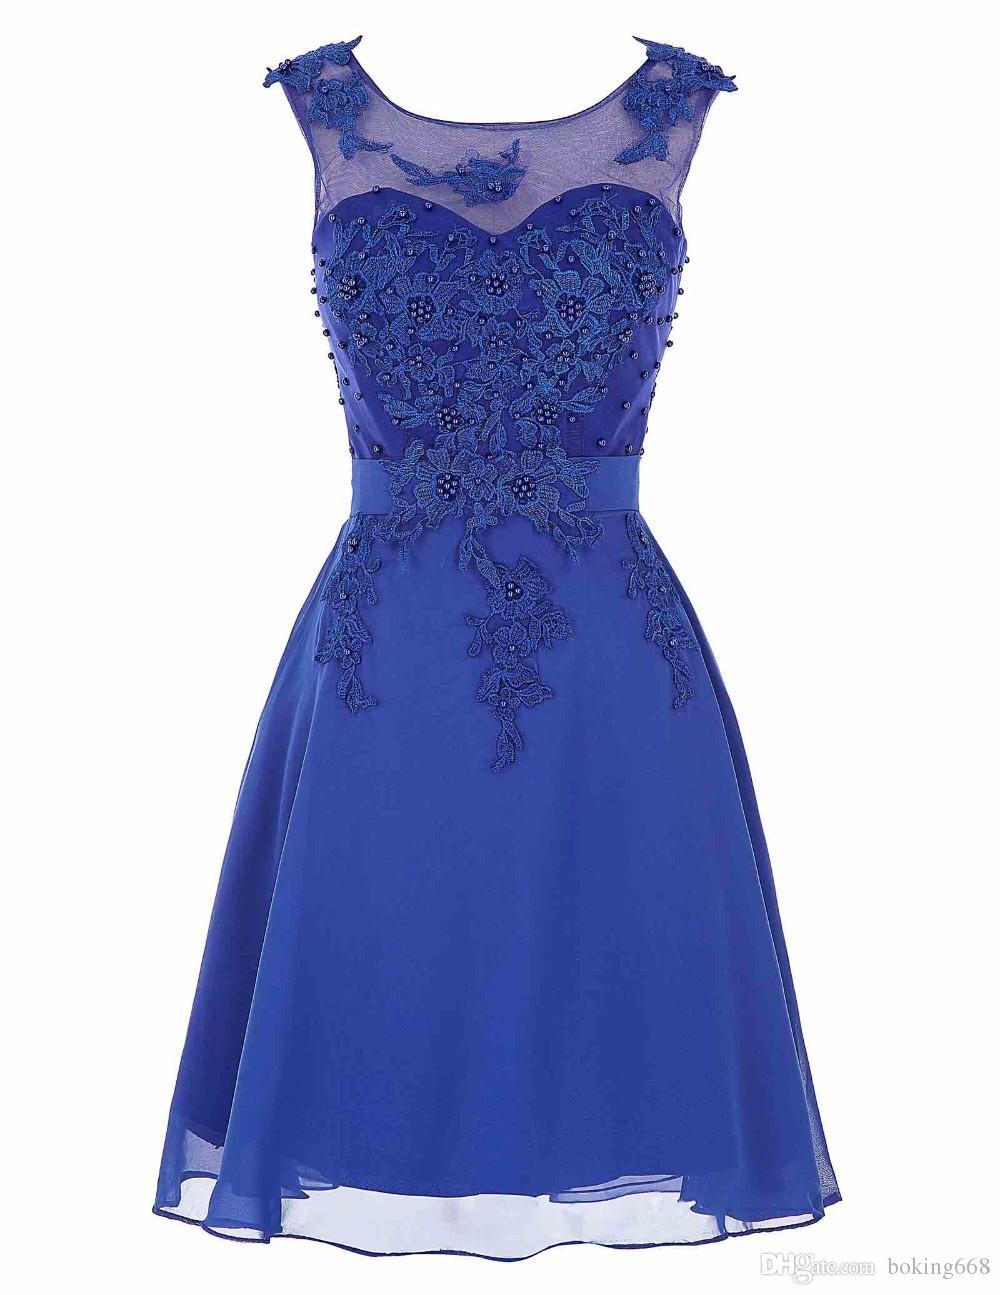 83388501d Compre Vestidos De Coctel Azules Mujeres Lindas 2016 Longitud De La Rodilla  Satén Corto Vestido De Fiesta Rebordear Encaje Vestidos Tallas Grandes  Mujeres ...